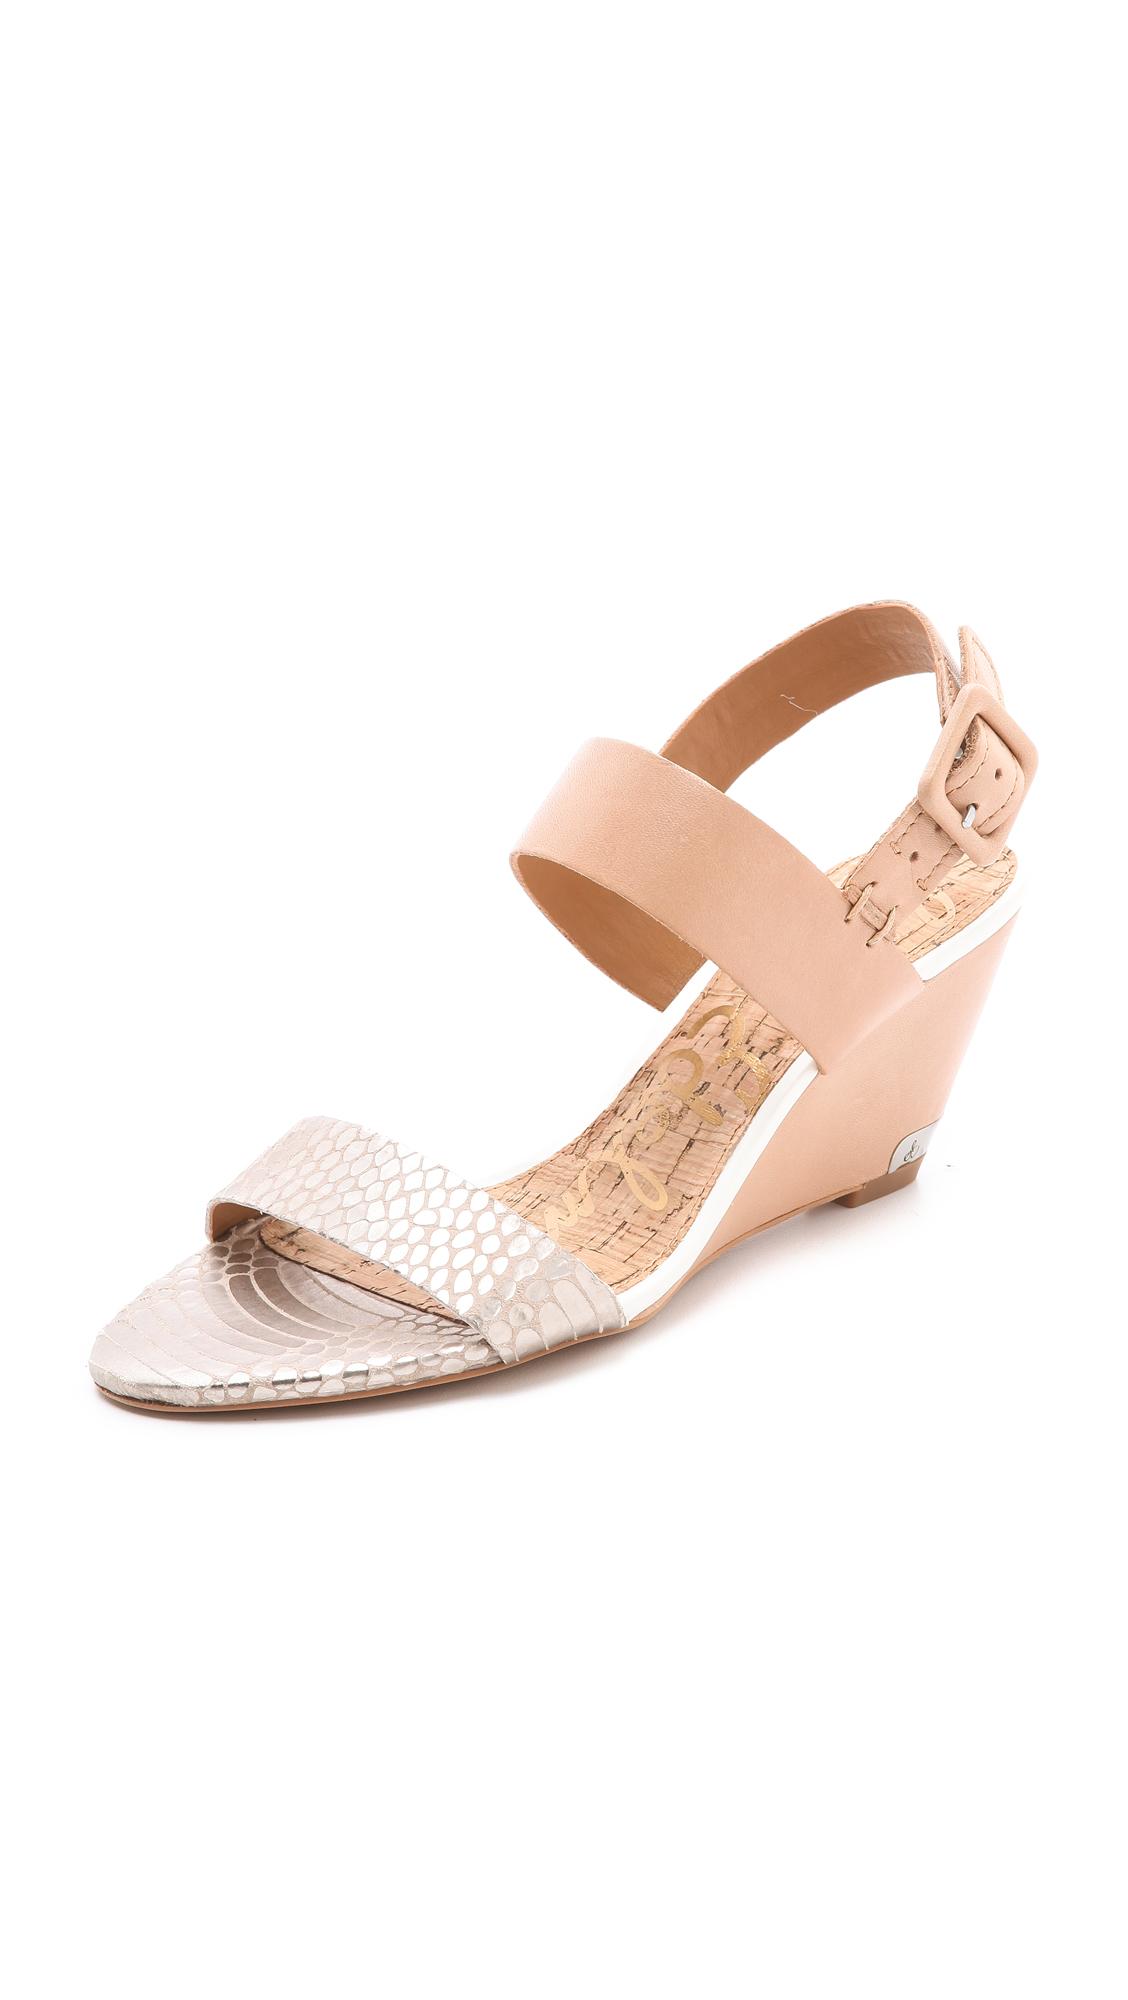 7a44c0e5d4ba8 Lyst - Sam Edelman Sutton Wedge Sandals in Natural